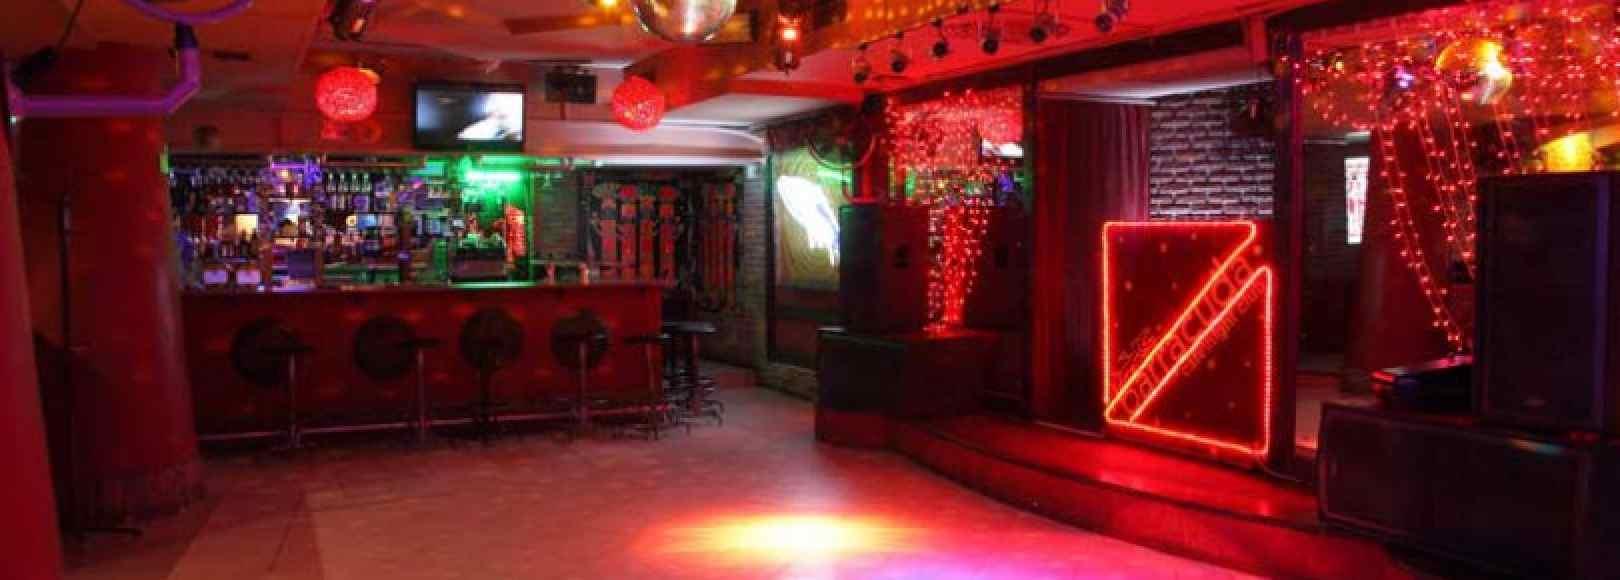 Неон ночной клуб кемерово ночные клубы усолья сибирского